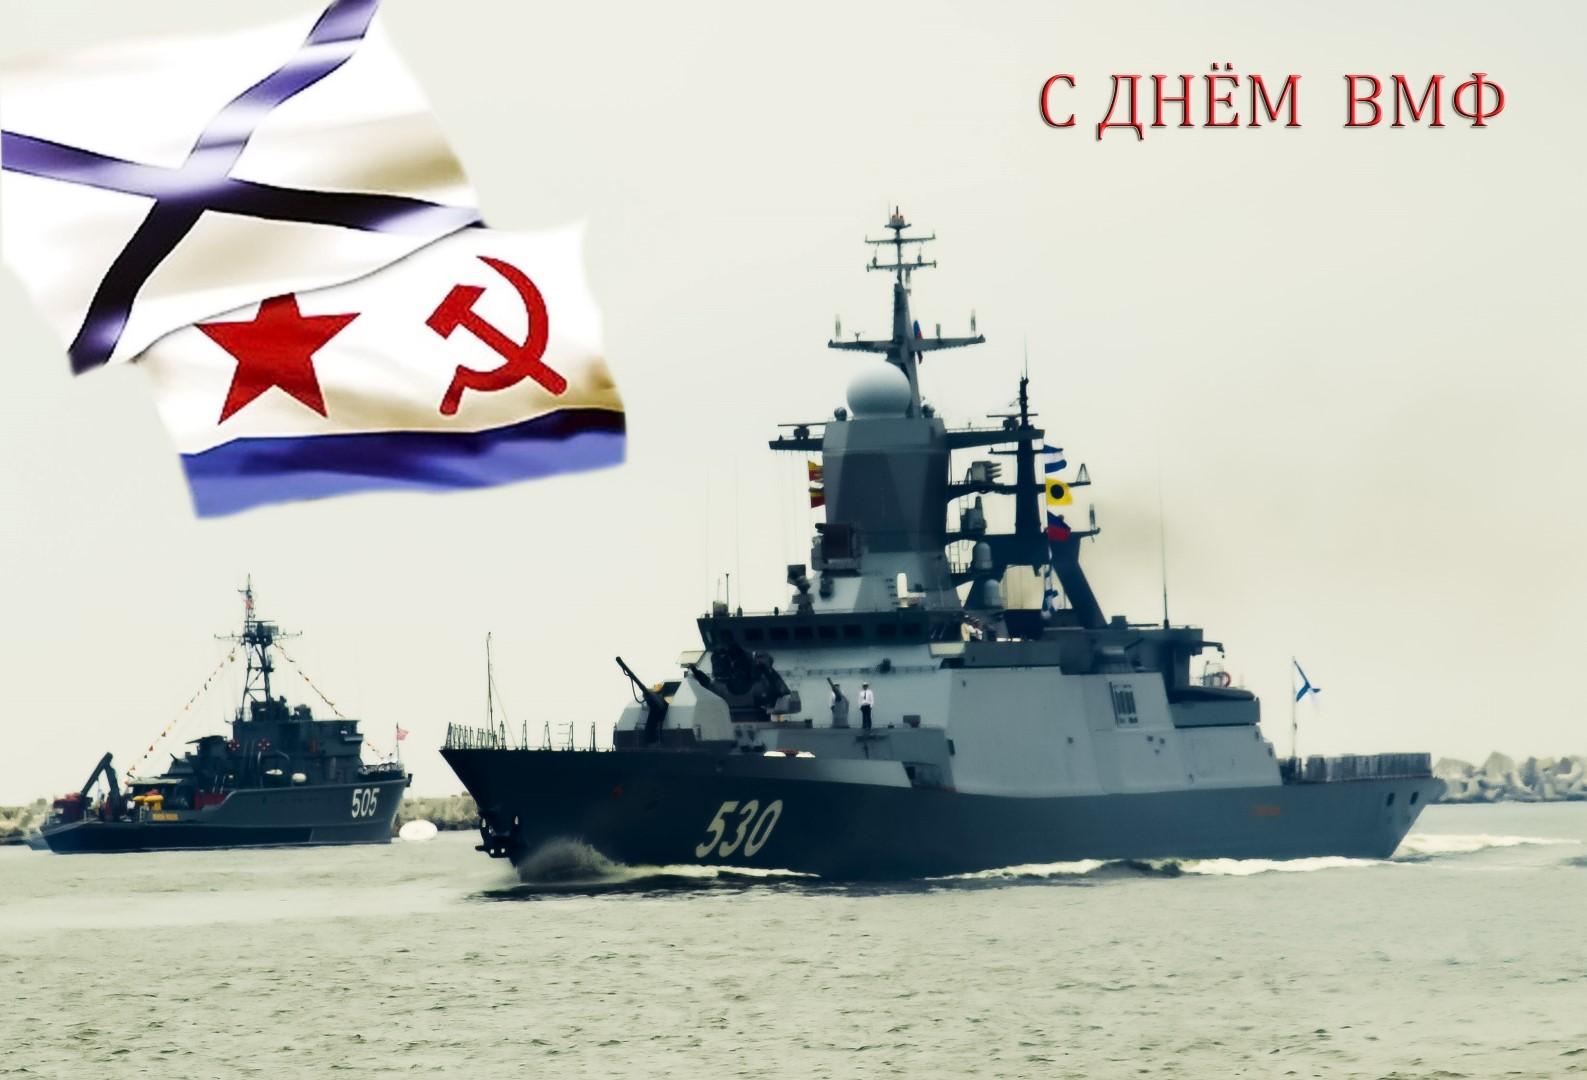 Днем, картинки военно морского флота поздравления